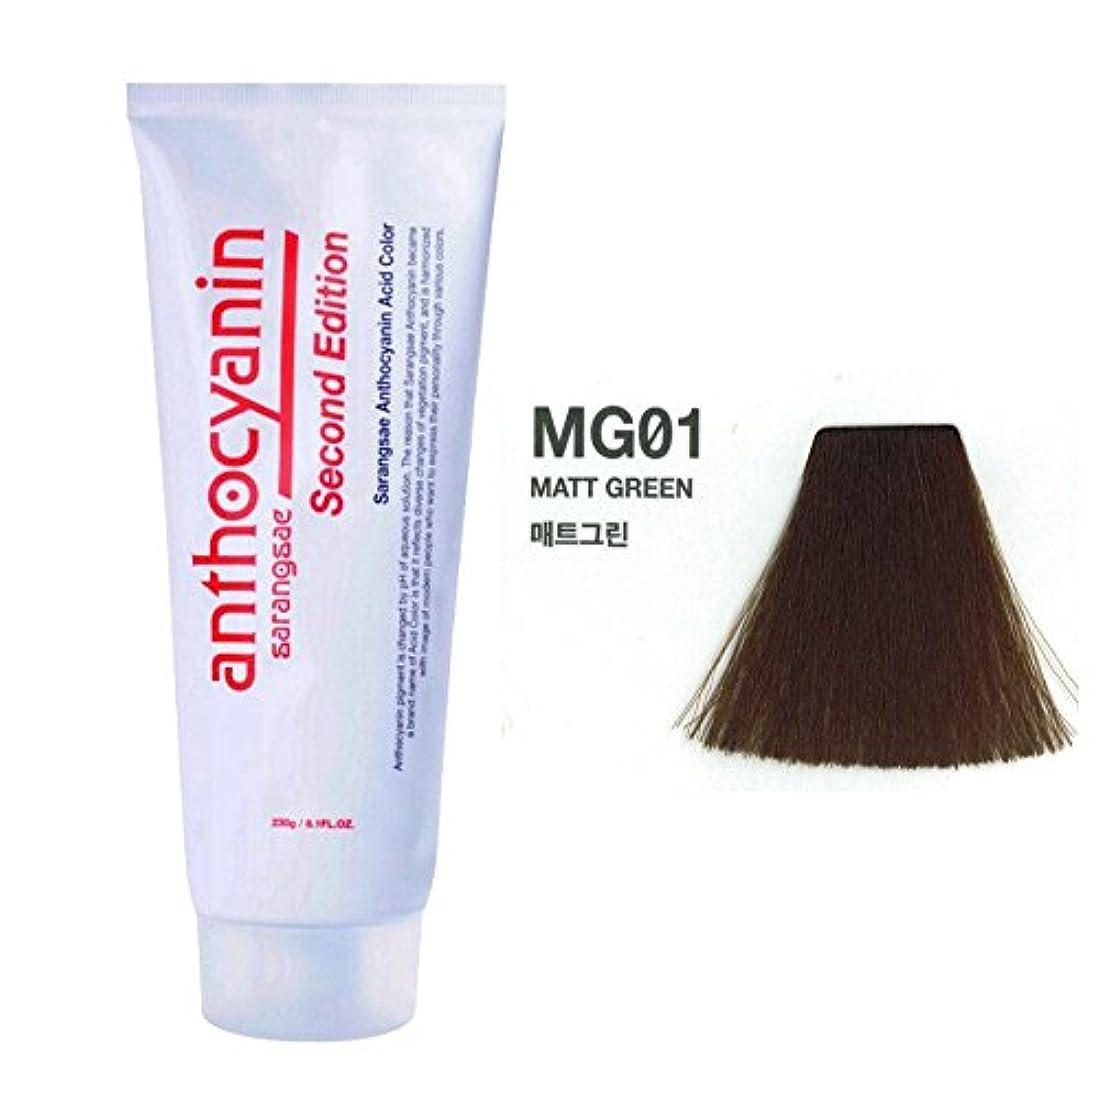 ジャムそのようなコールドヘア マニキュア カラー セカンド エディション 230g セミ パーマネント 染毛剤 (Hair Manicure Color Second Edition 230g Semi Permanent Hair Dye) [並行輸入品] (MG01 Marr Green)